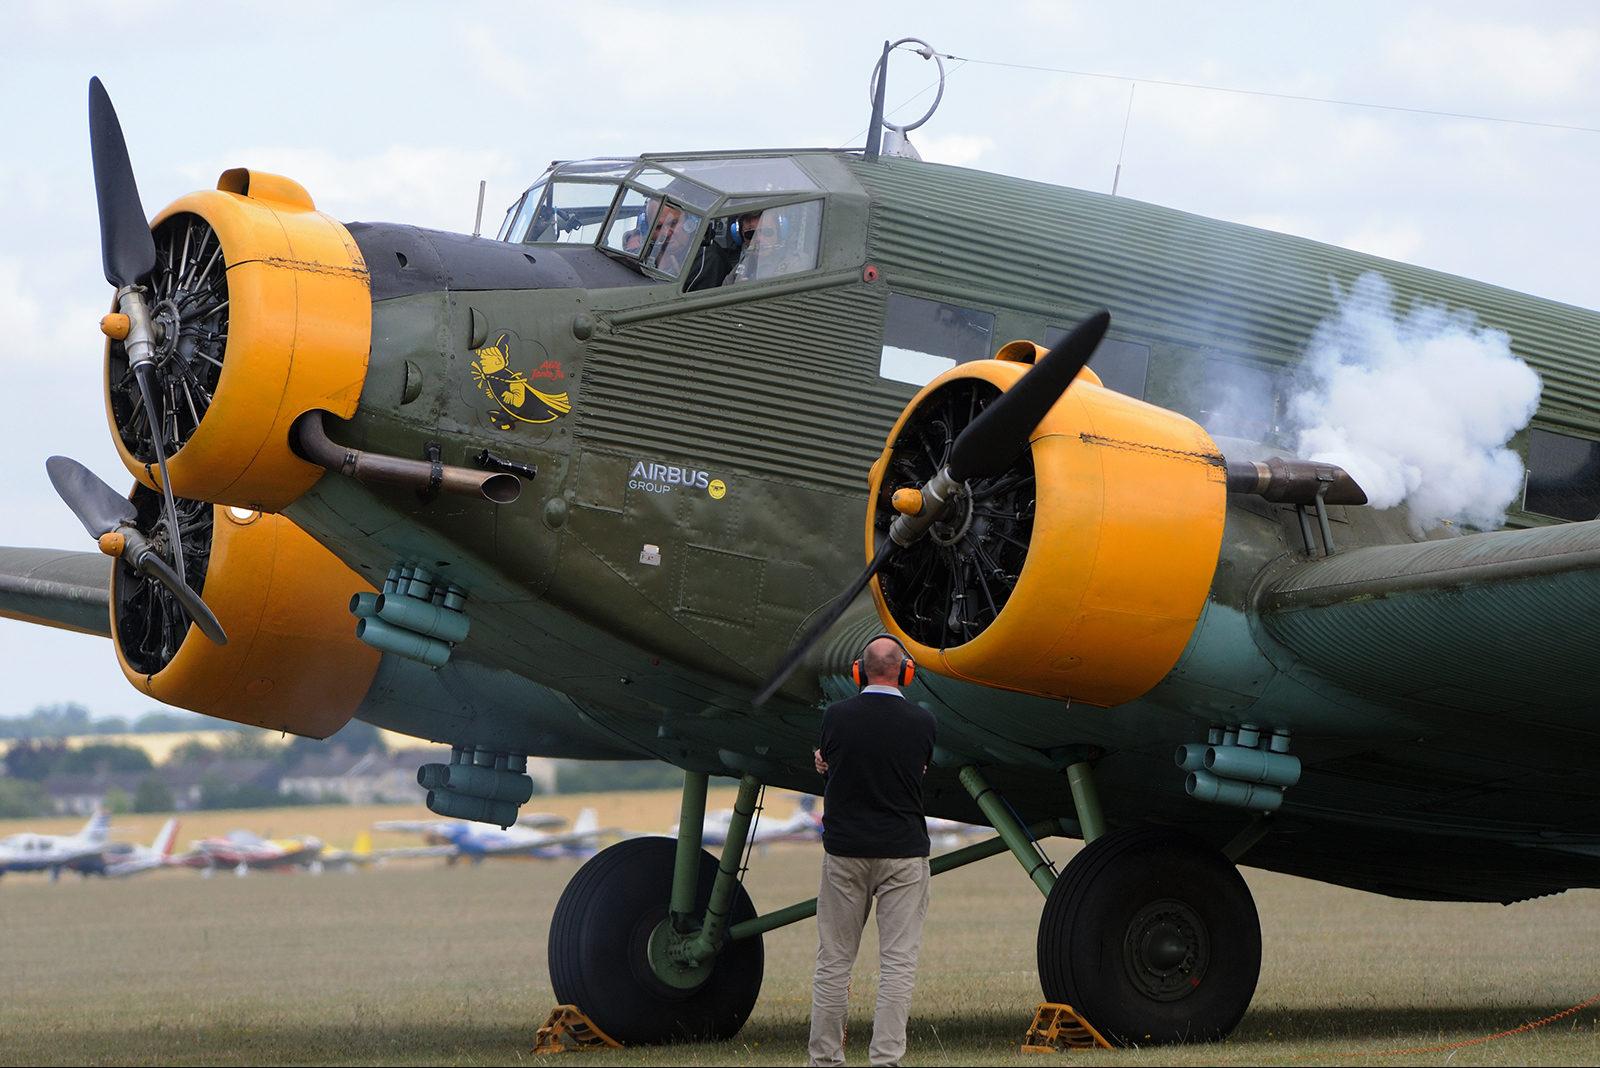 Alla scoperta del relitto di un aereo tedesco Junkers-52 affondato nel 1942 vicino il paese di Sferracavallo (PA)